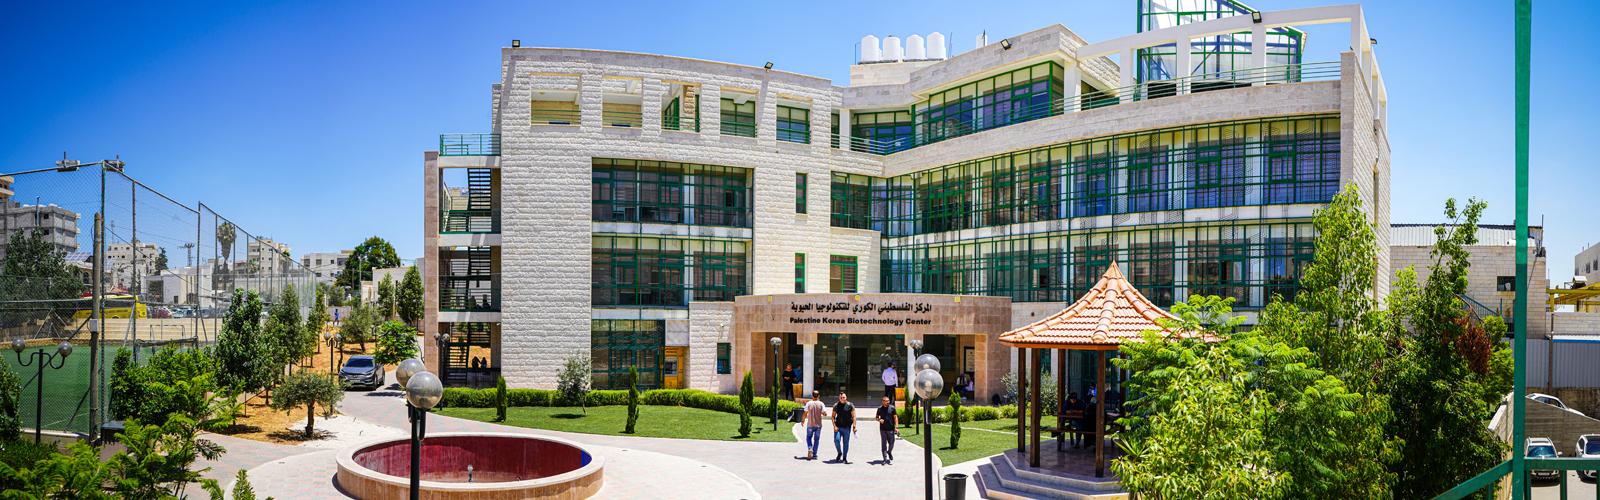 Palestine Polytechnic University (PPU) - Welcome to Palestine Polytechnic University